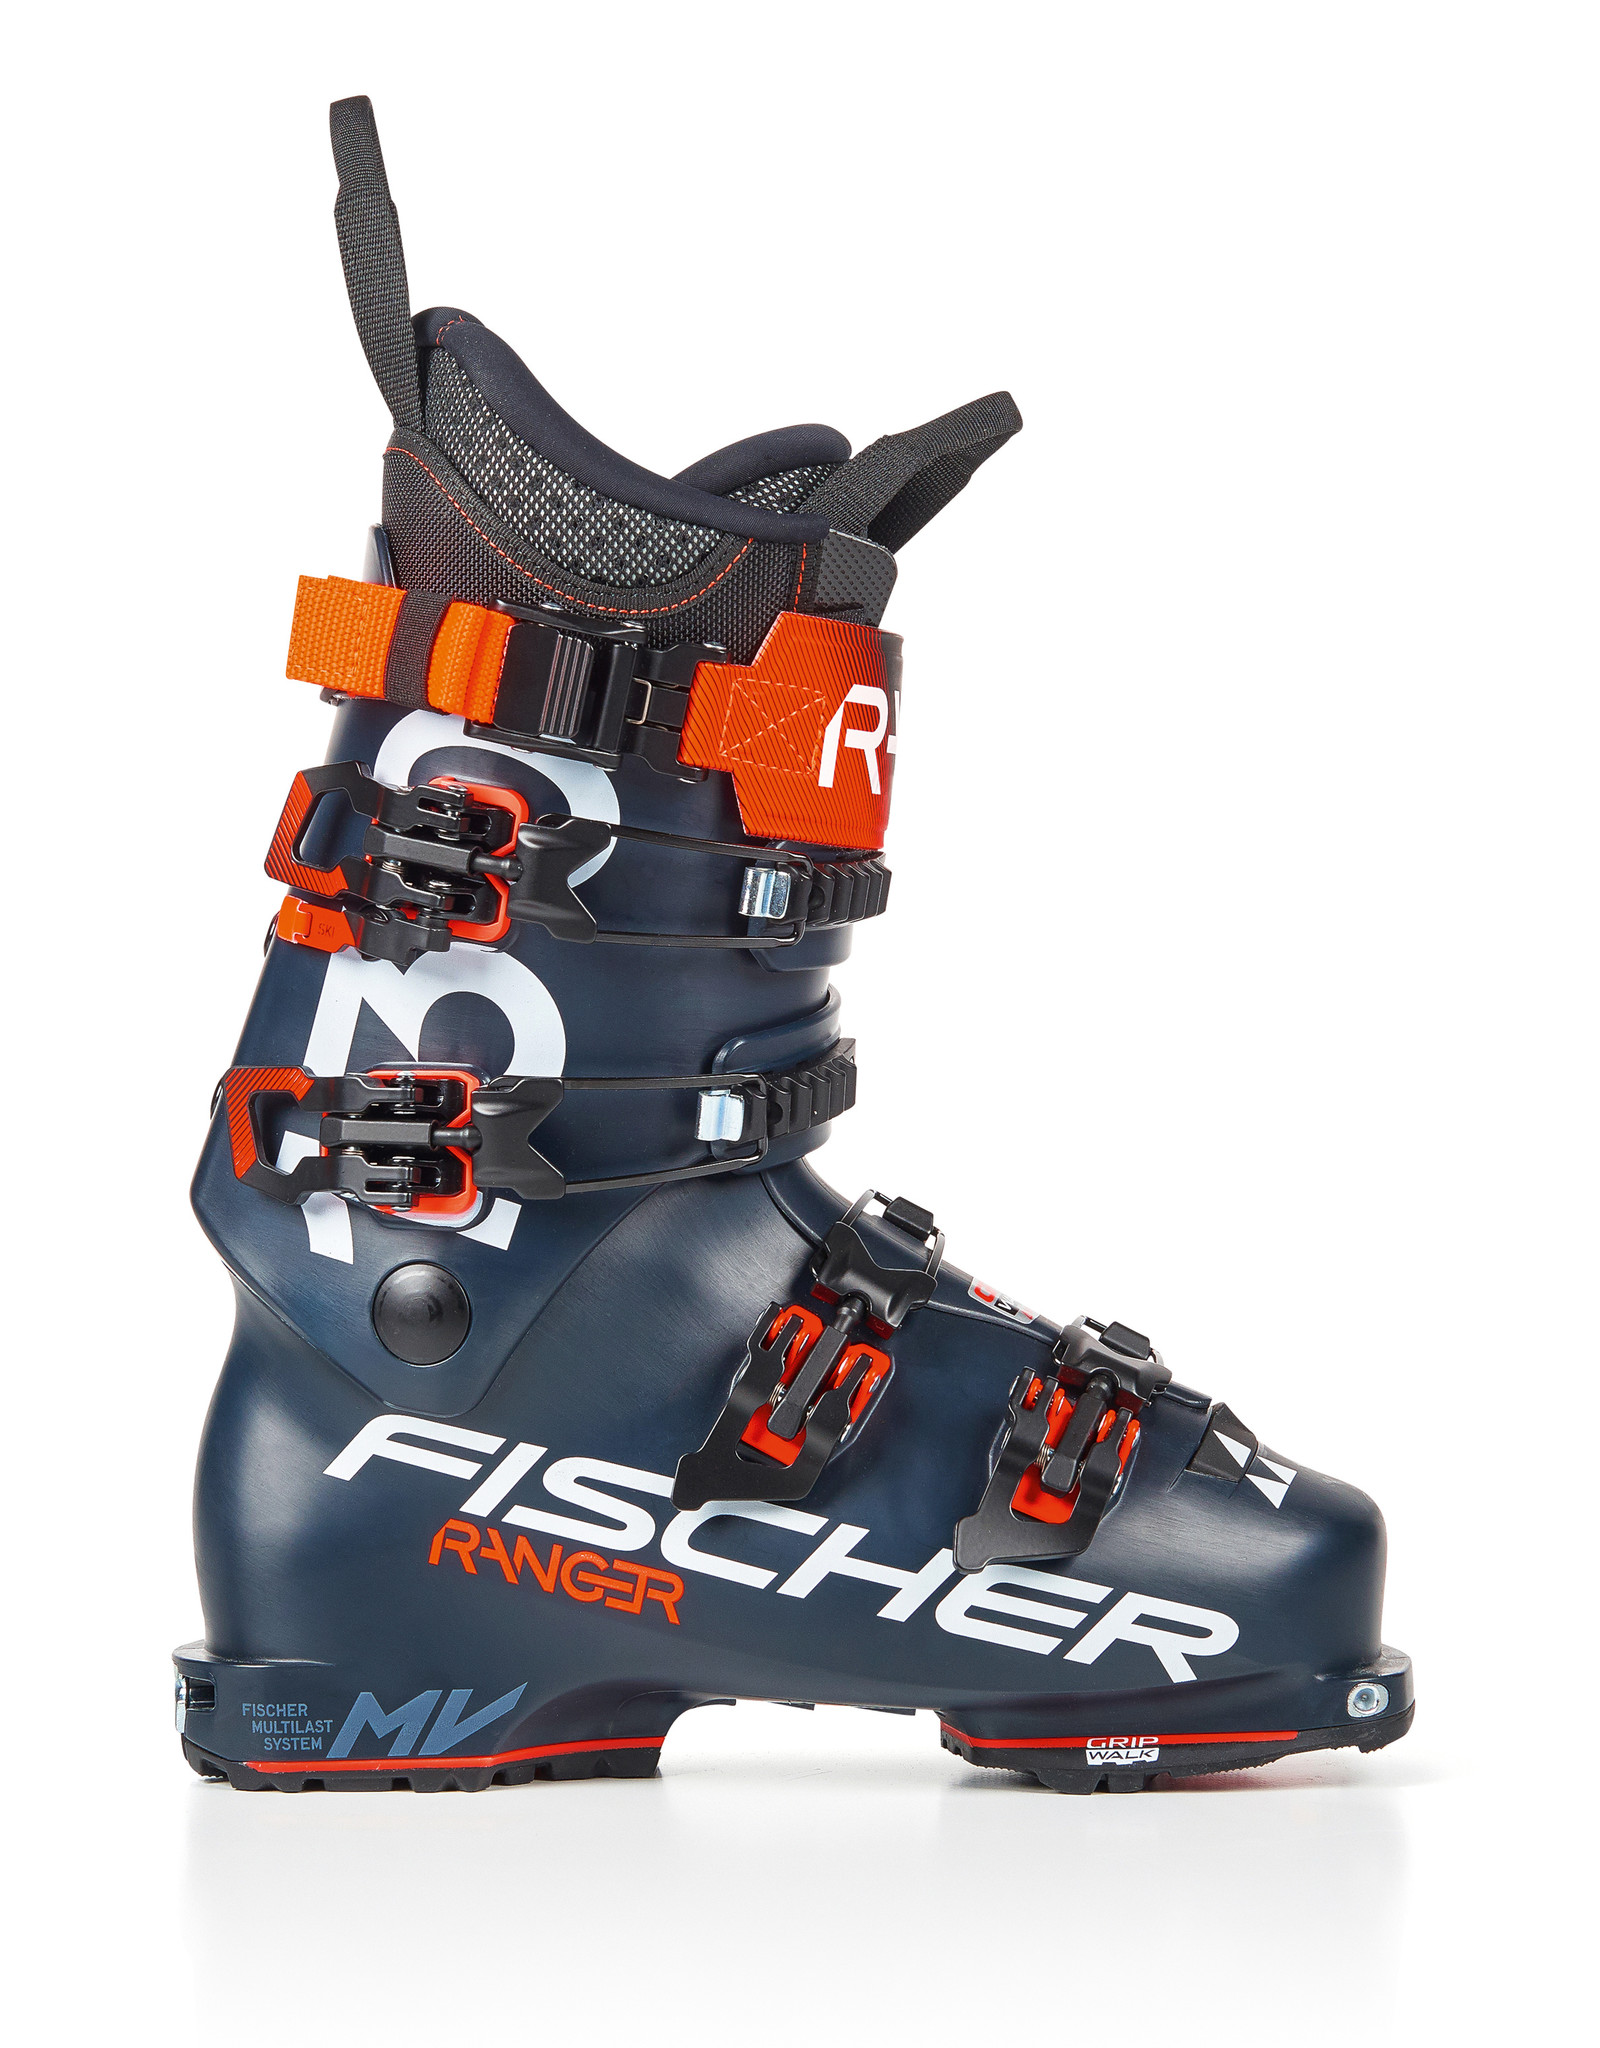 Fischer Ranger Free 130 Walk DYN -W2022